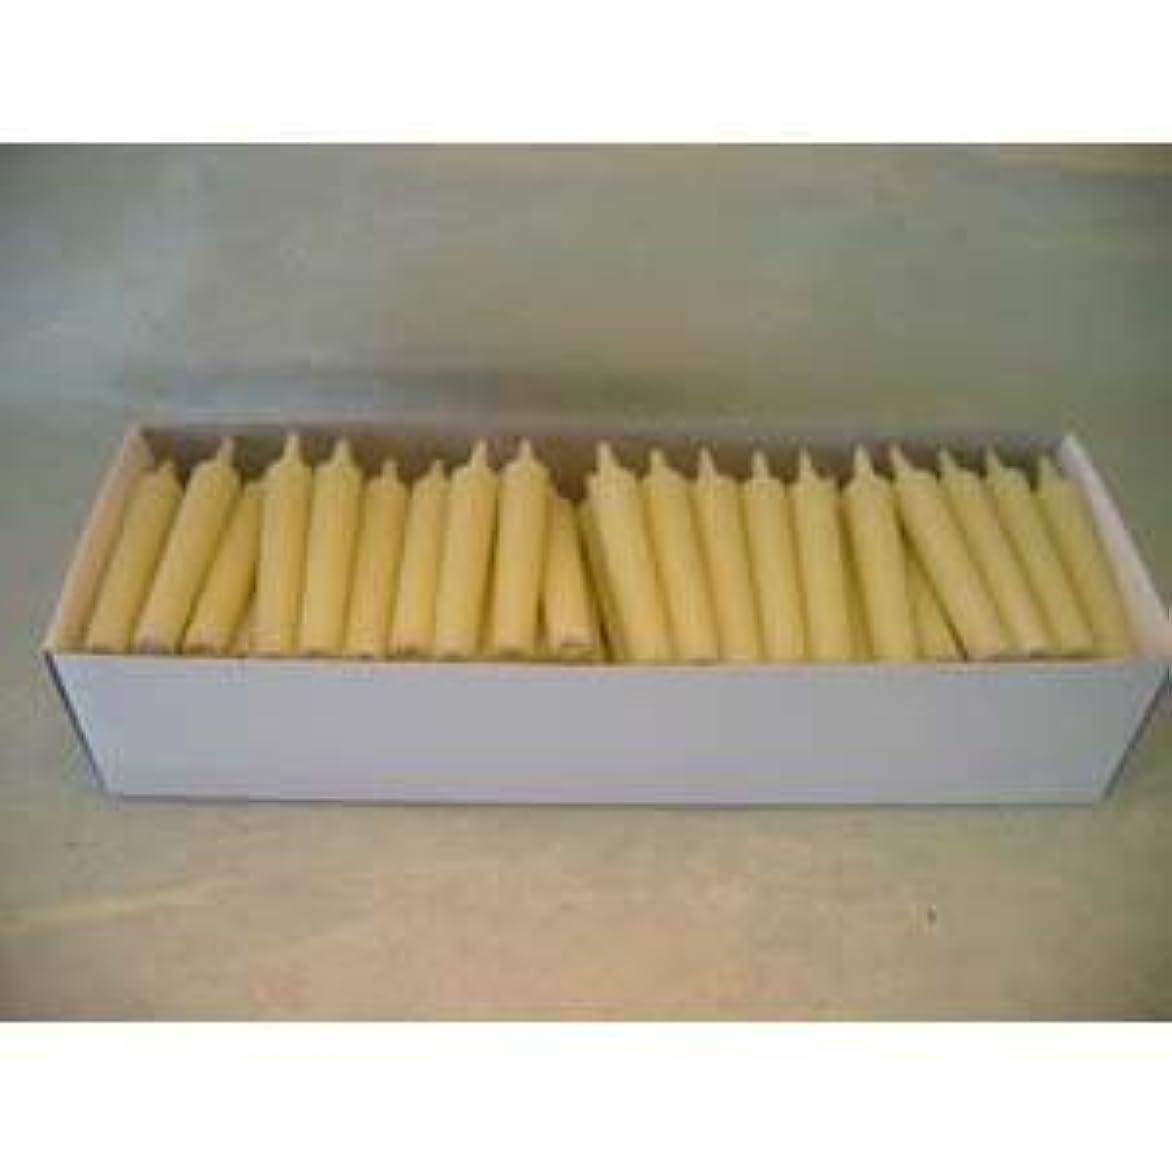 廃棄する東ティモール不完全な和ろうそく 型和蝋燭 ローソク 豆型 棒タイプ 白 100本入り